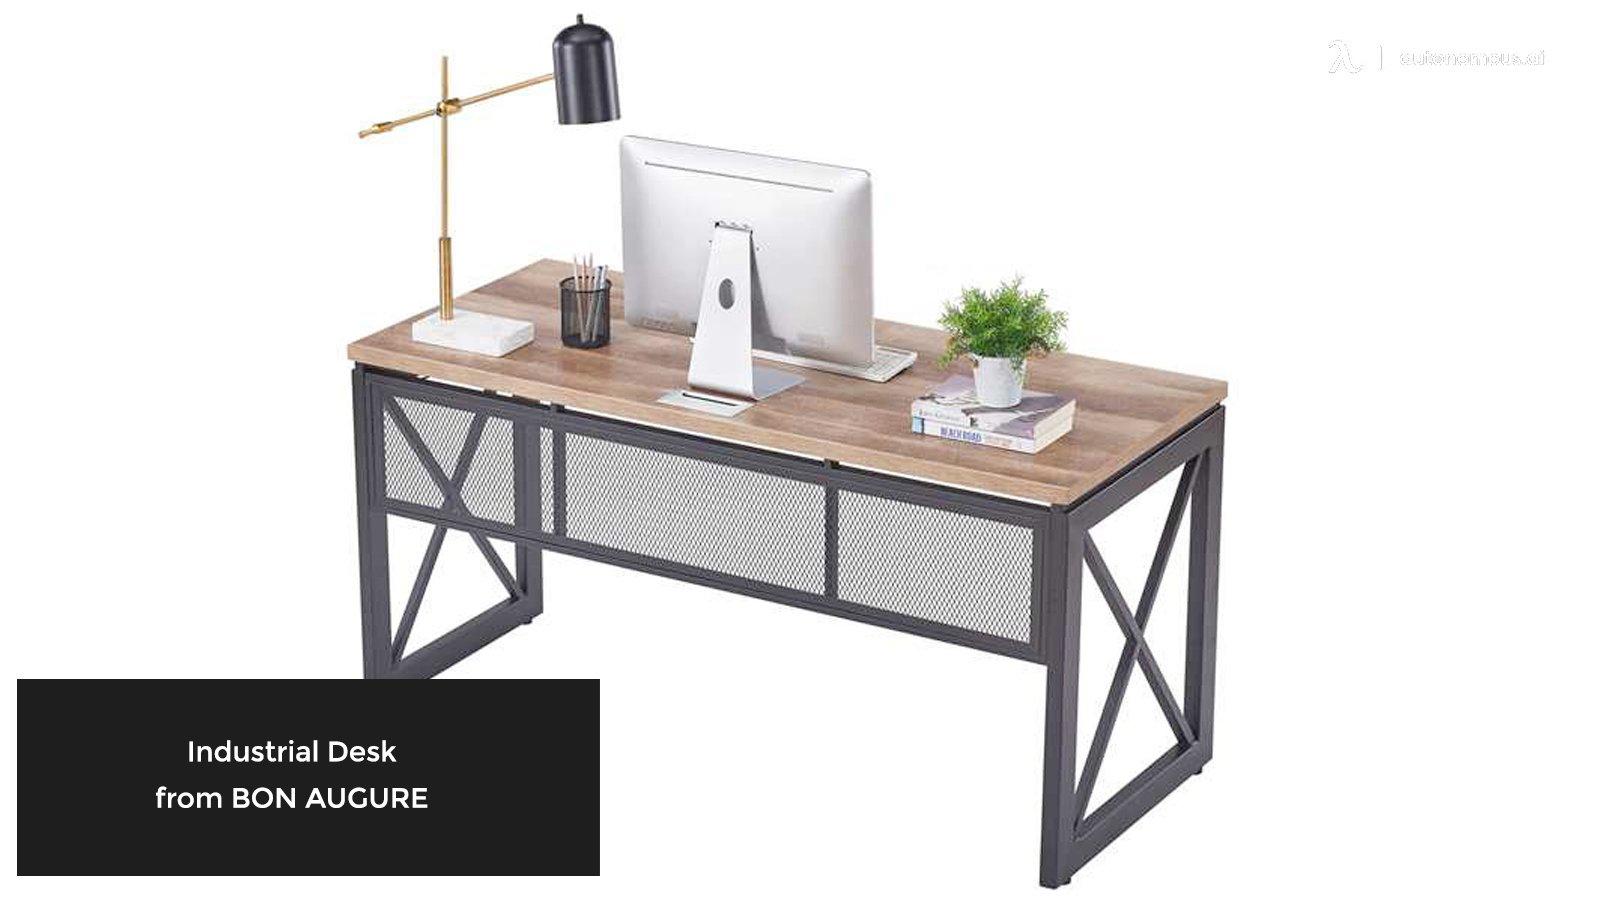 Bon Augure Industrial desk